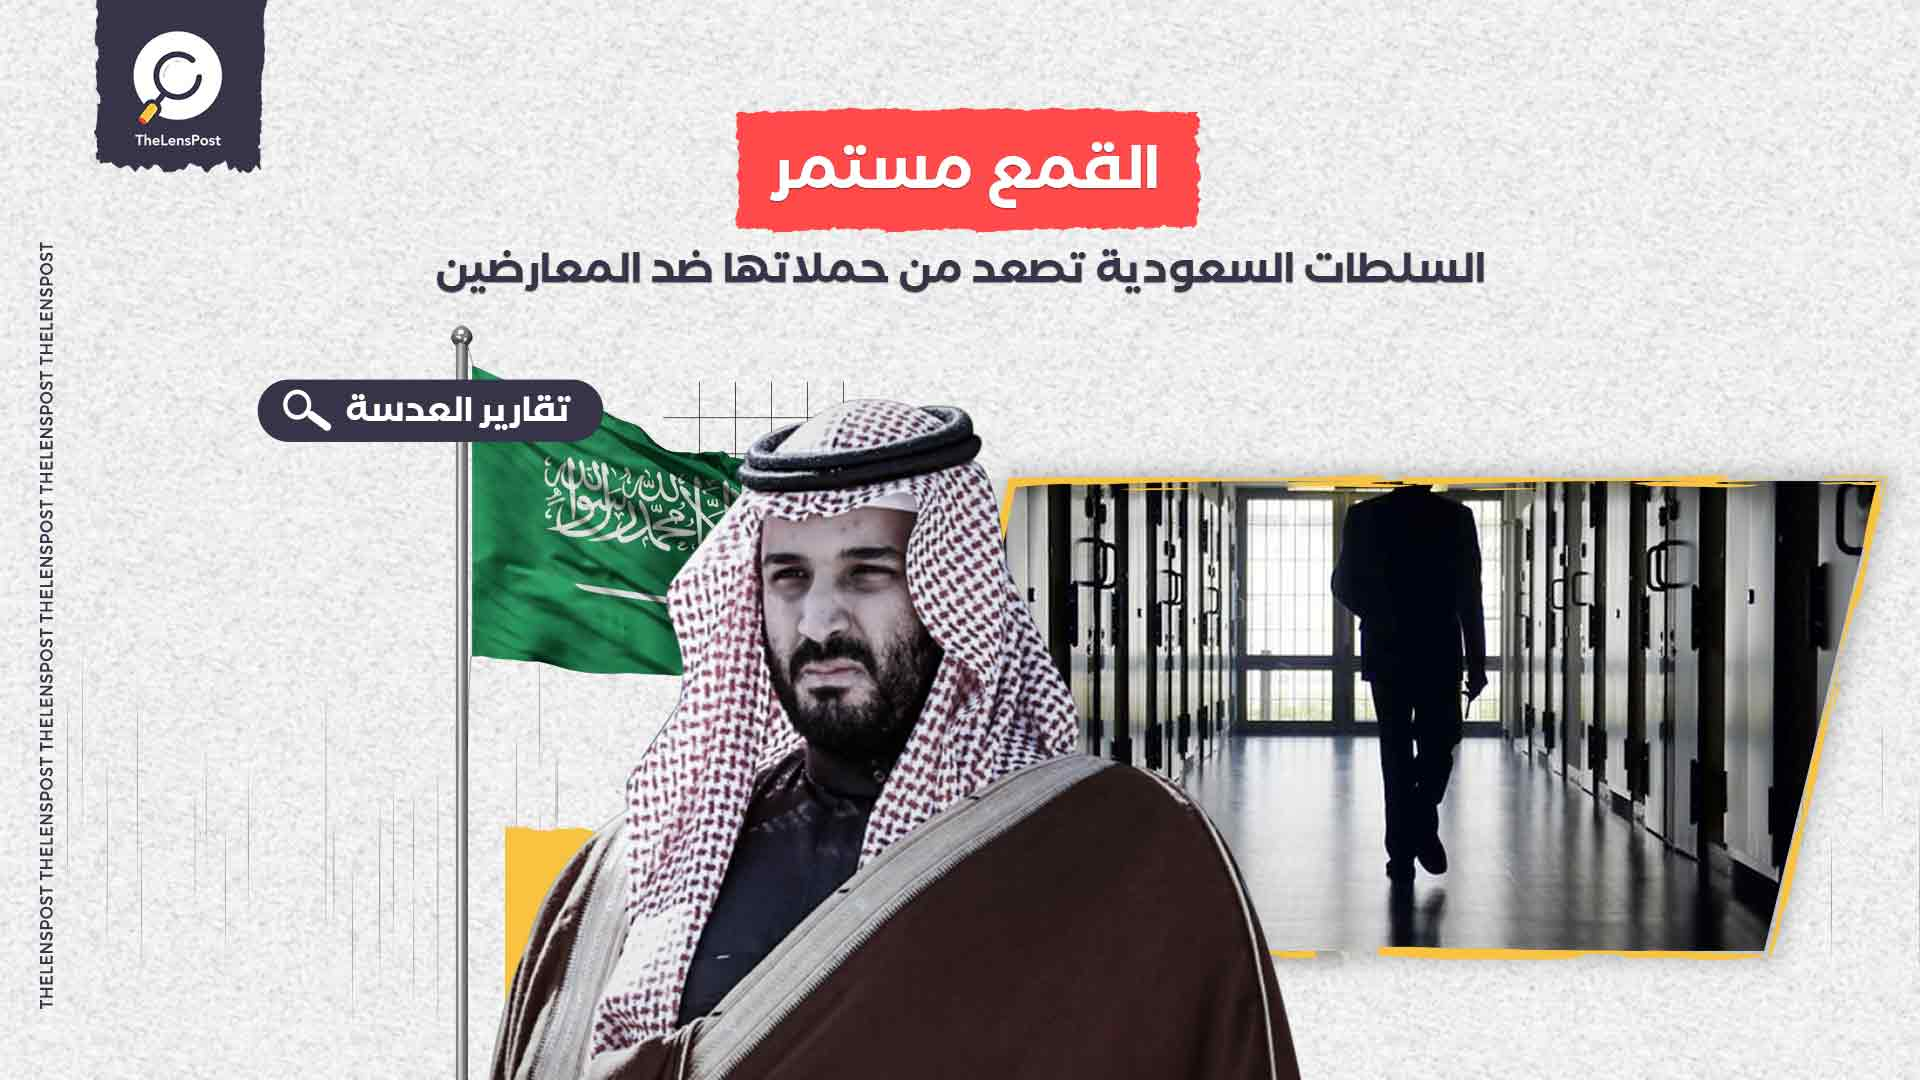 القمع مستمر.. السلطات السعودية تصعد من حملاتها ضد المعارضين